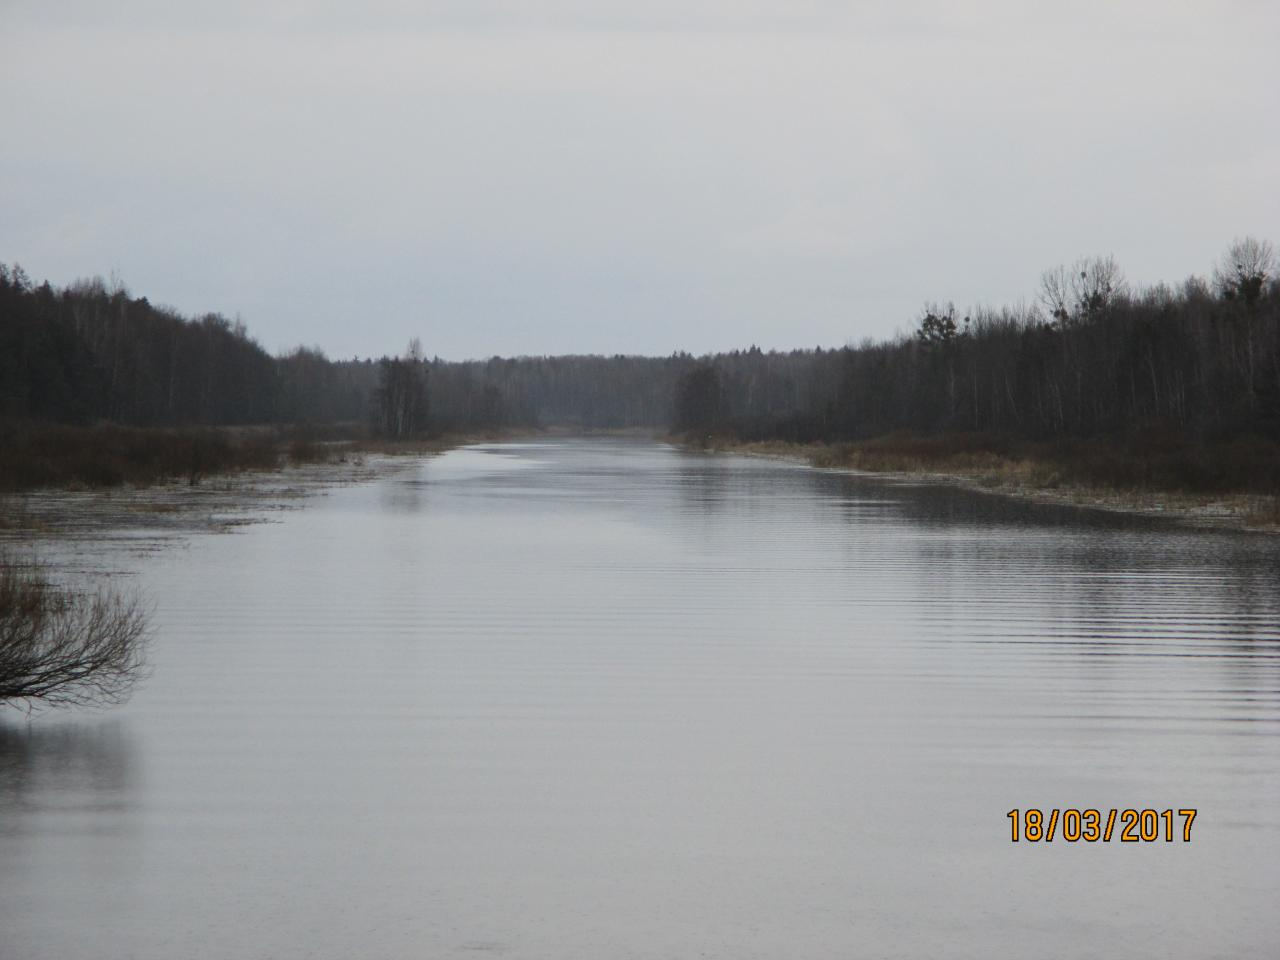 Суббота , Семежевский канал.Ещё в начале недели было ... | Отчеты о рыбалке в Беларуси